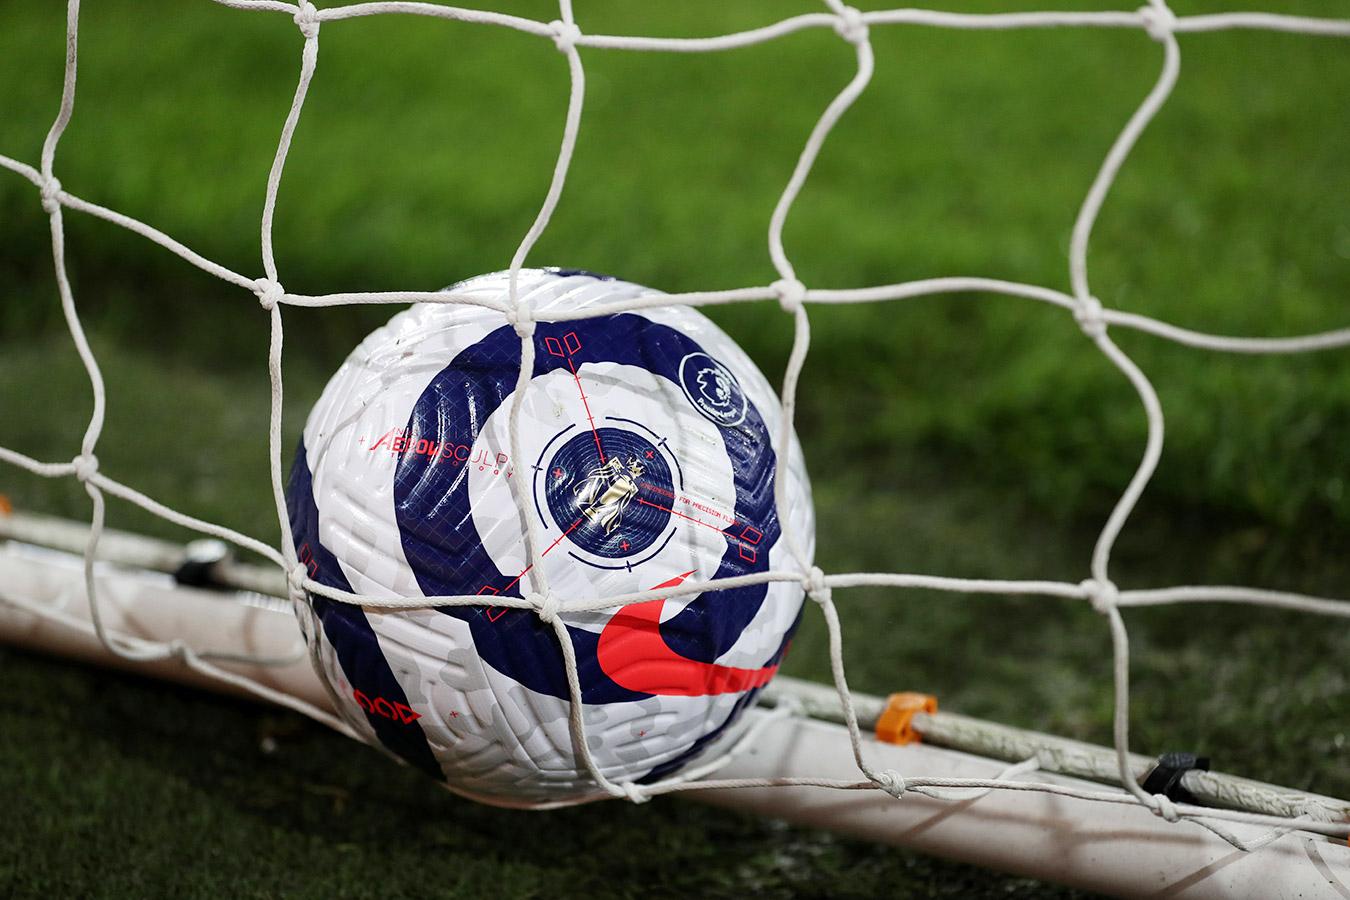 УЕФА, АПЛ, Ла Лига и Серия А выступили с совместным заявлением по поводу Суперлиги